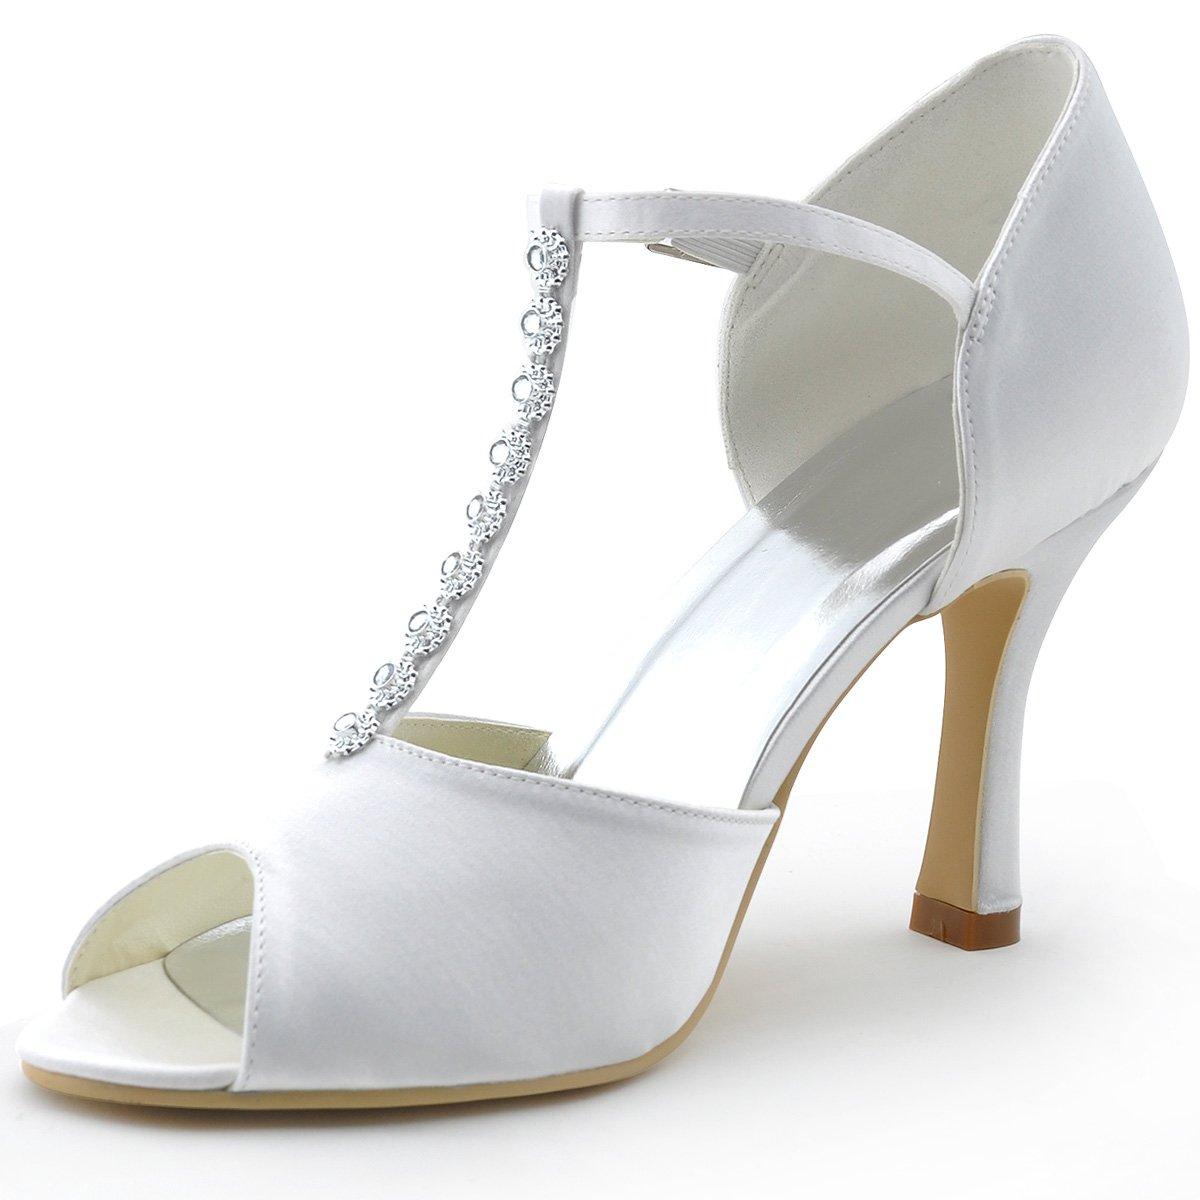 7de0e6265c8 Bridal shoes high heels Shoeshighheels t